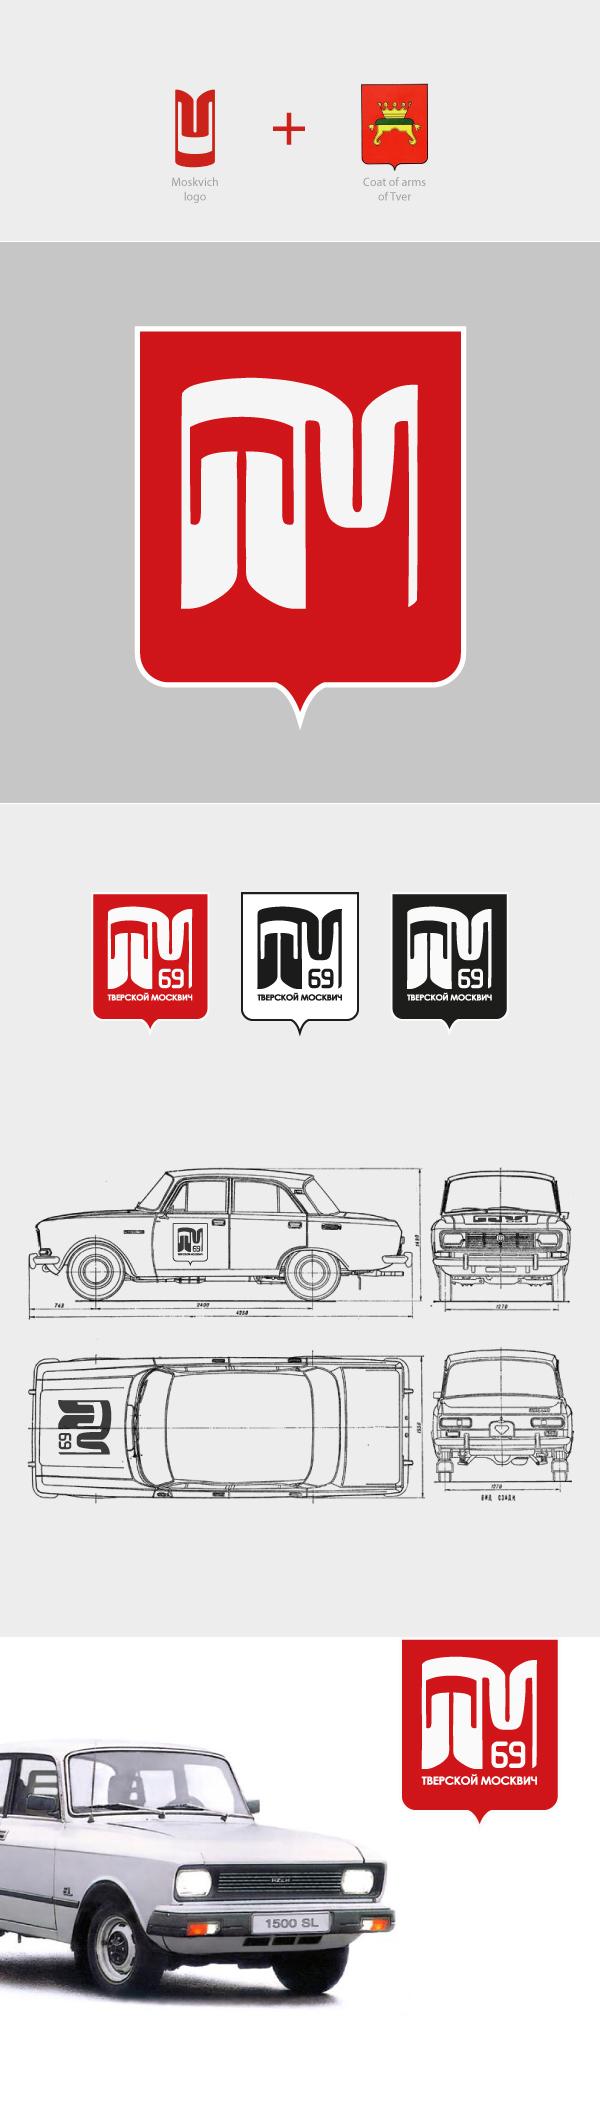 1969 Moskovitch Logo